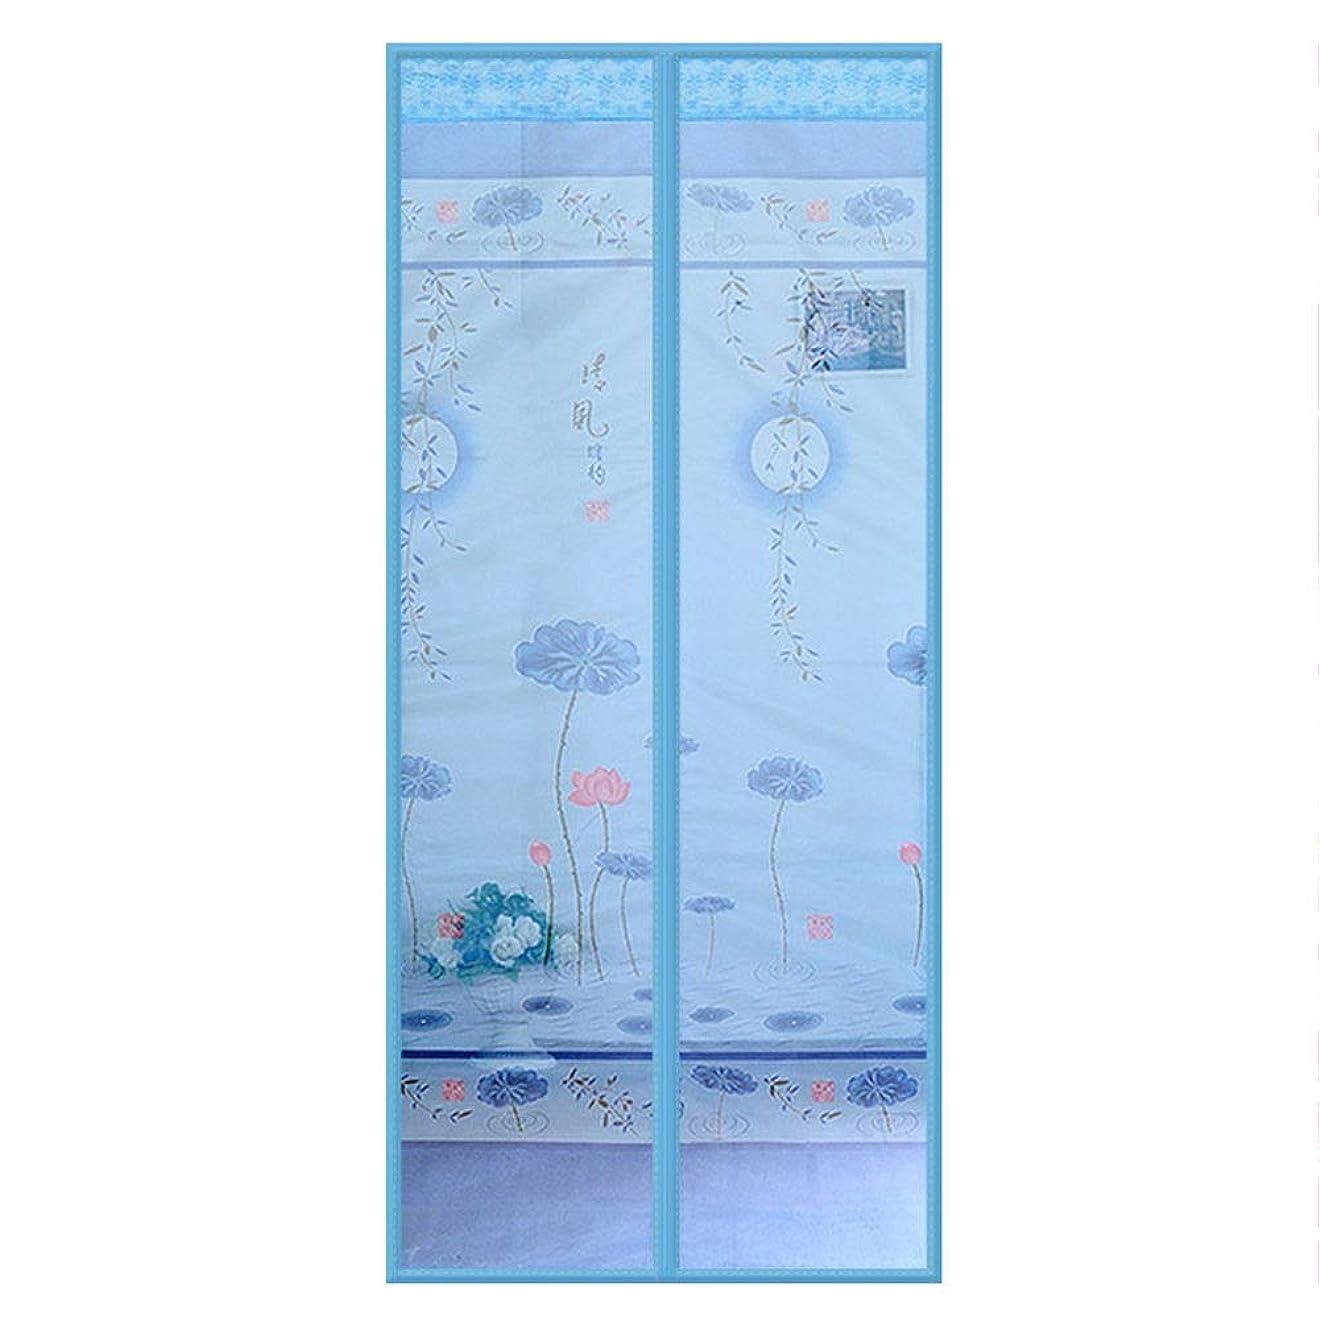 下向き安定した音楽家ドアカーテン 磁気スクリーンドア磁気フライスクリーンドアフライスクリーンメッシュカーテン上から下へのシールバルコニードアリビングルーム子供部屋 網戸 (色 : B, サイズ : 180x220)